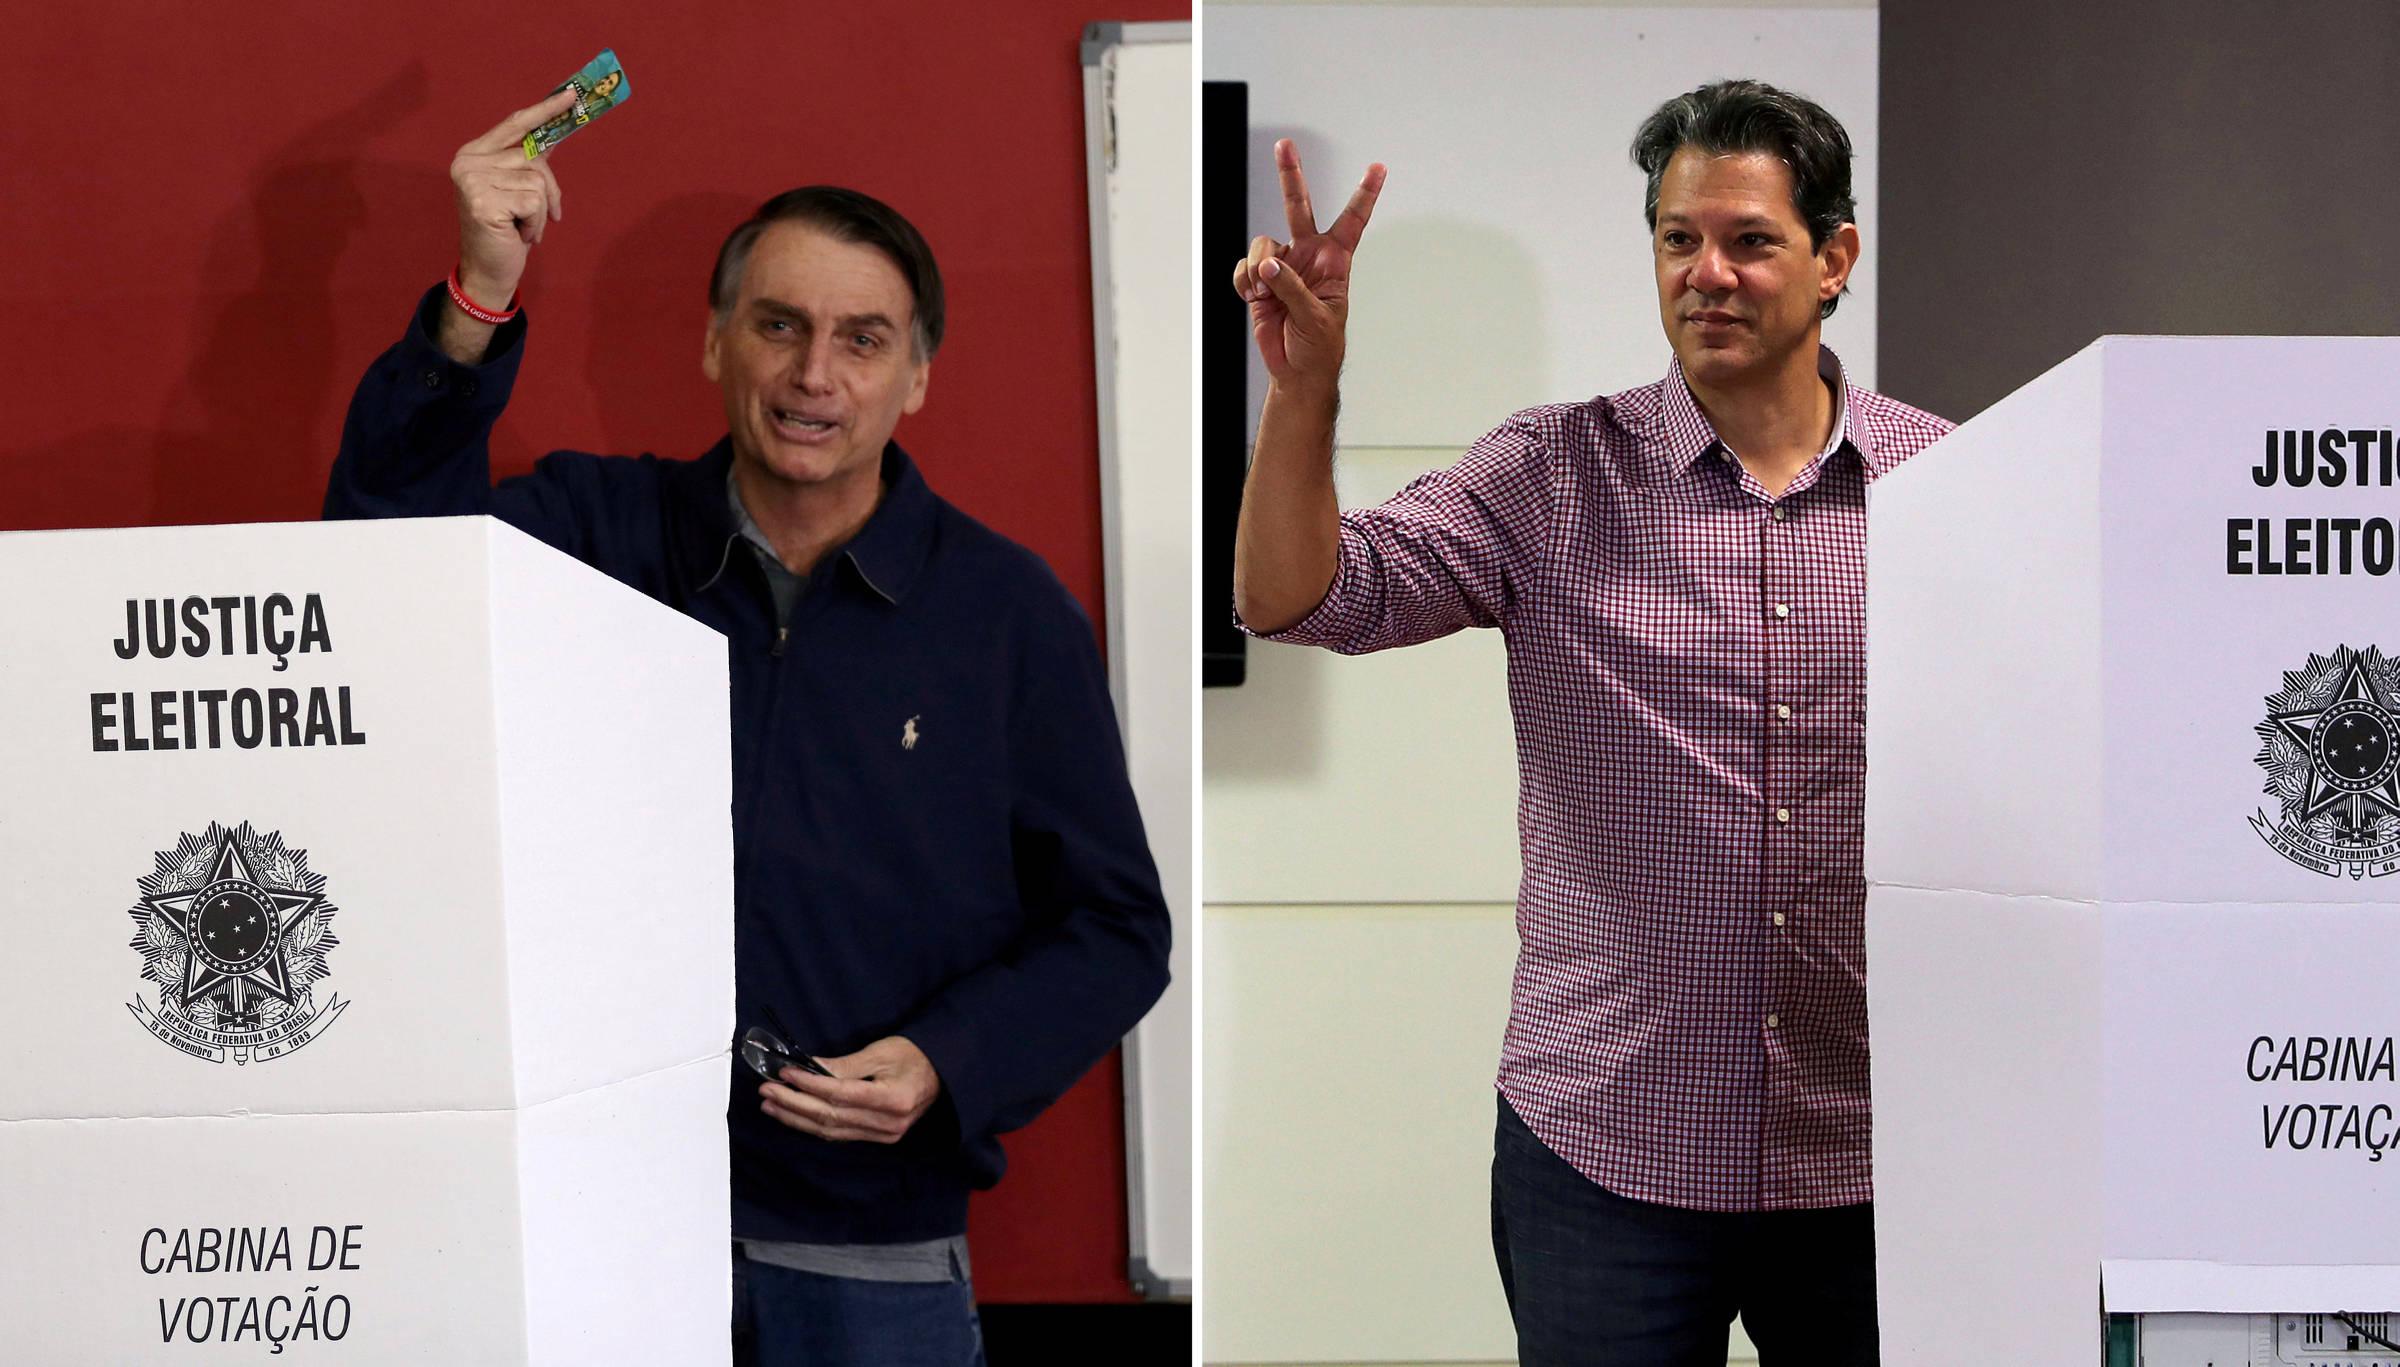 241584e308 Pesquisa Datafolha mostra Bolsonaro com 59% e Haddad com 41% dos votos  válidos no 2º turno - 18/10/2018 - Poder - Folha